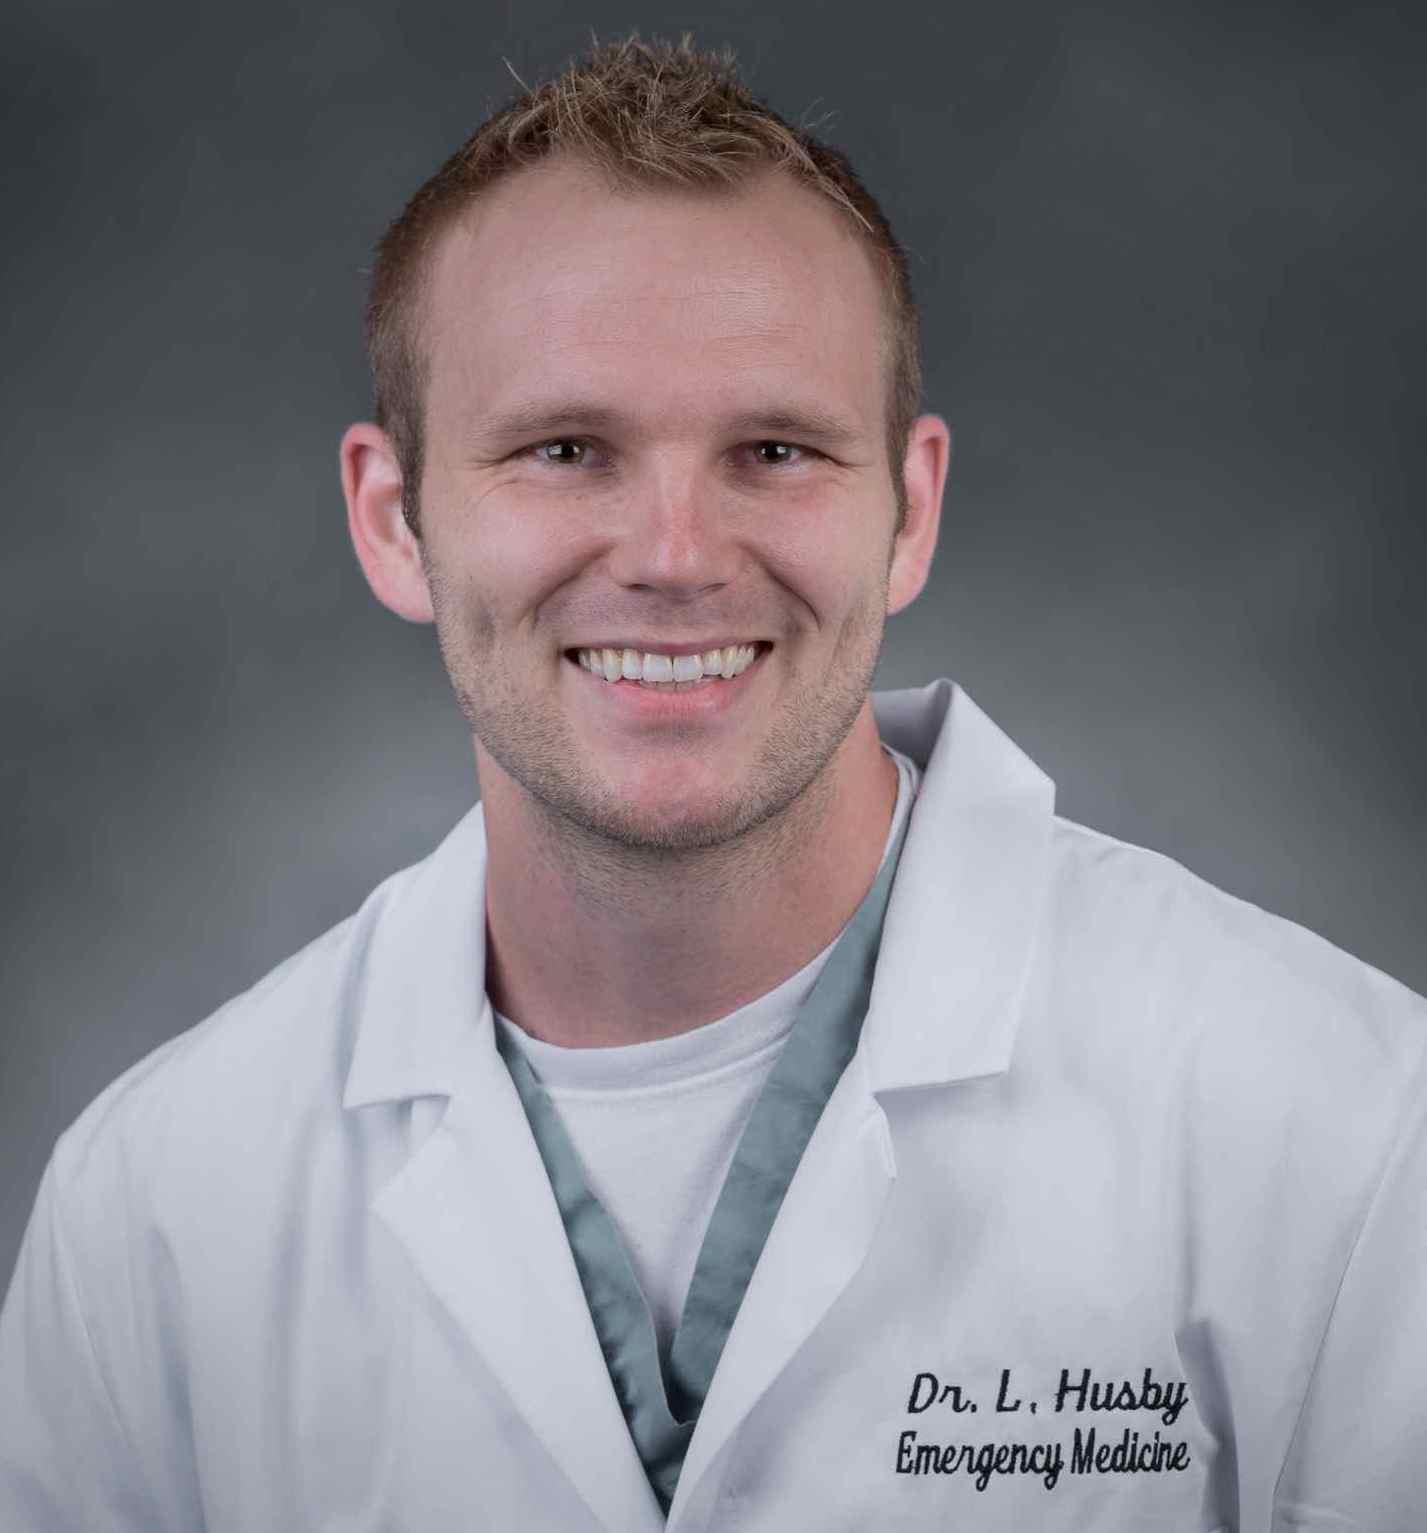 Dr. Luke Husby